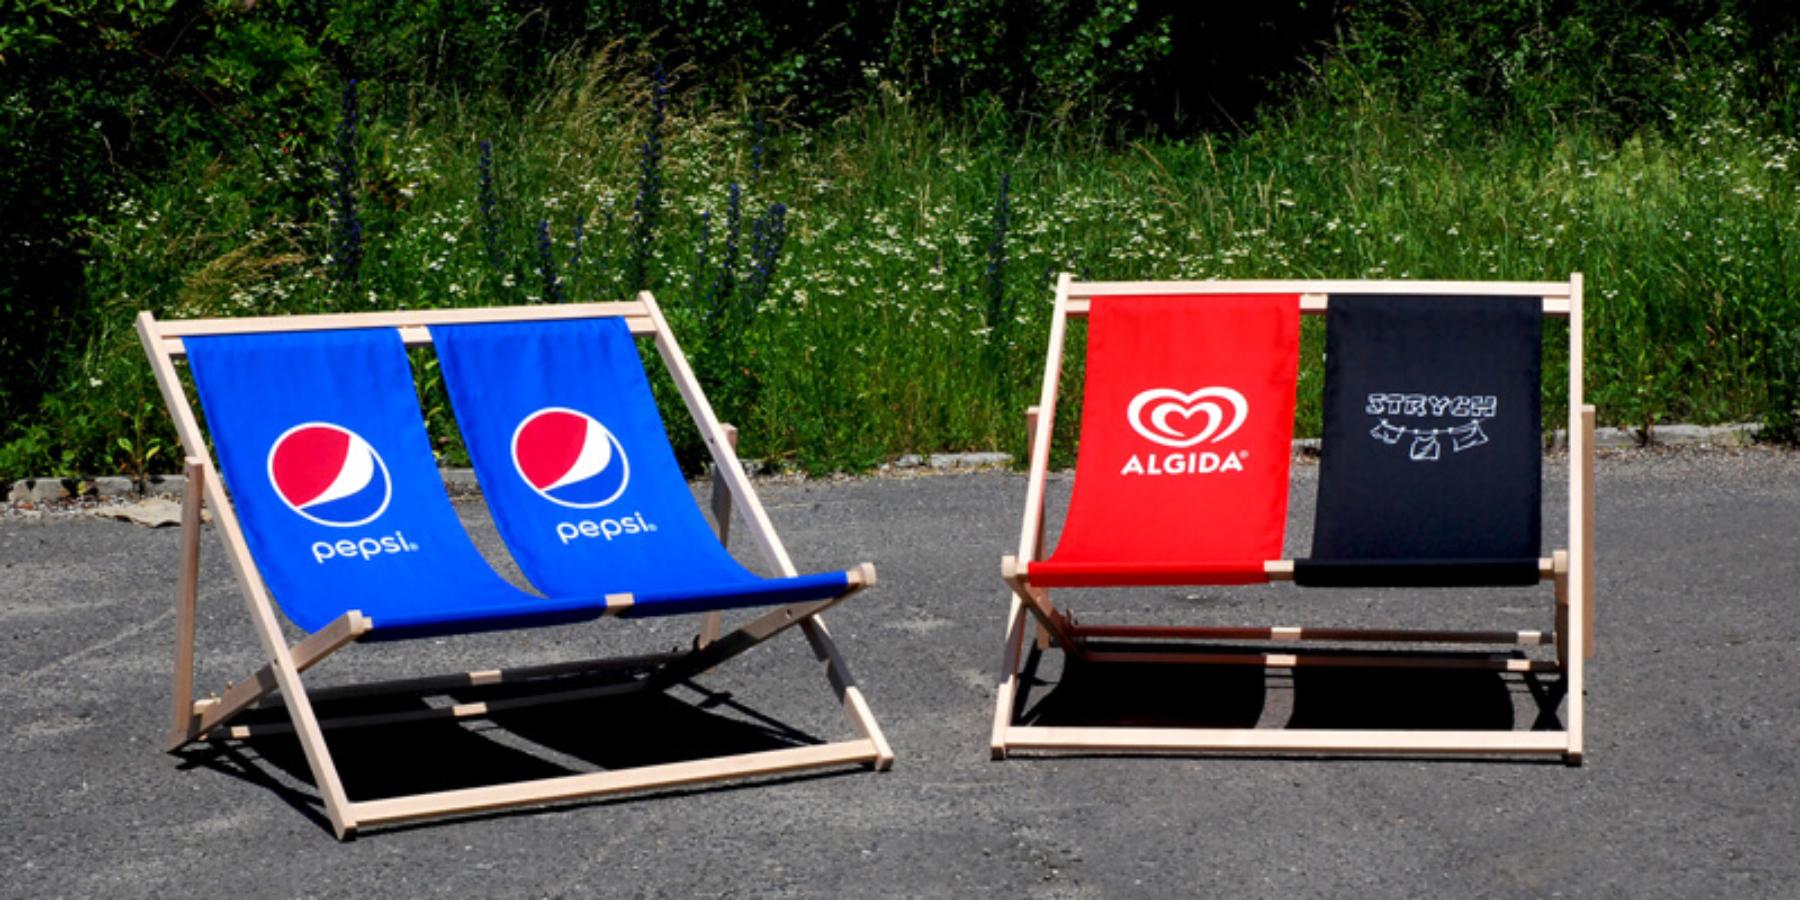 Siedziska reklamowe nakażdą okazję